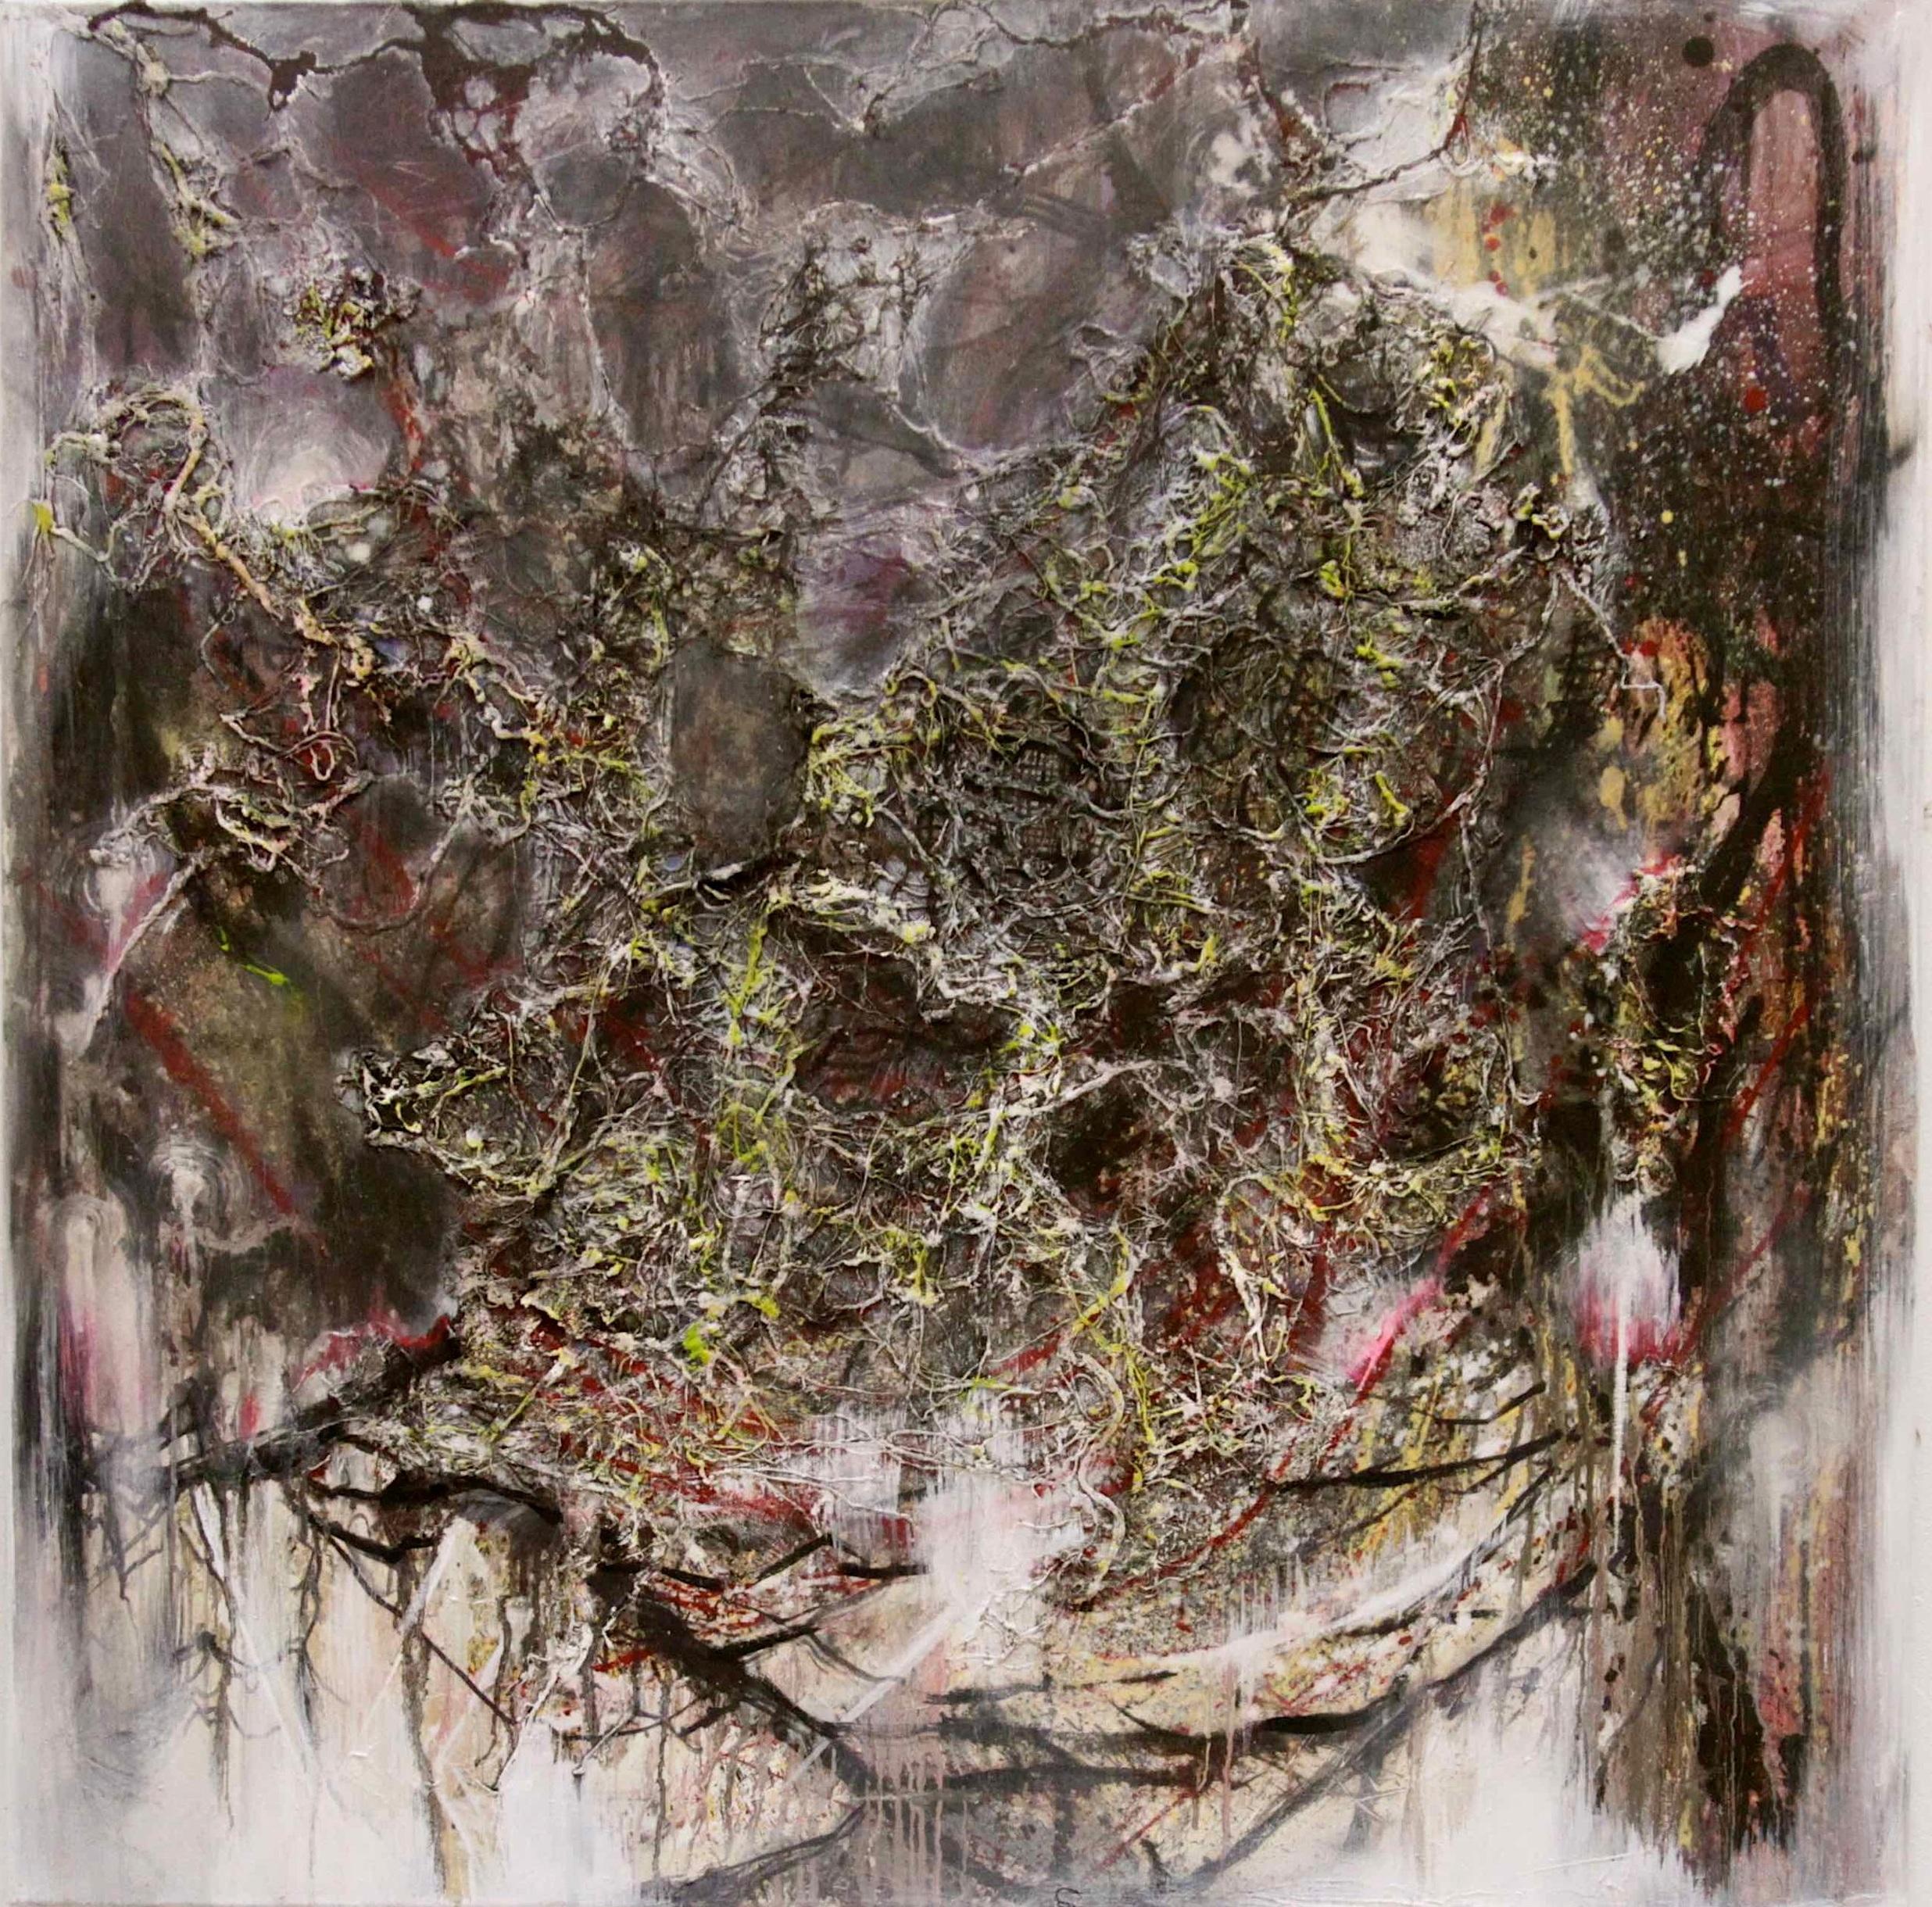 Nest III / 2012 / oil, thread, beeswax on canvas